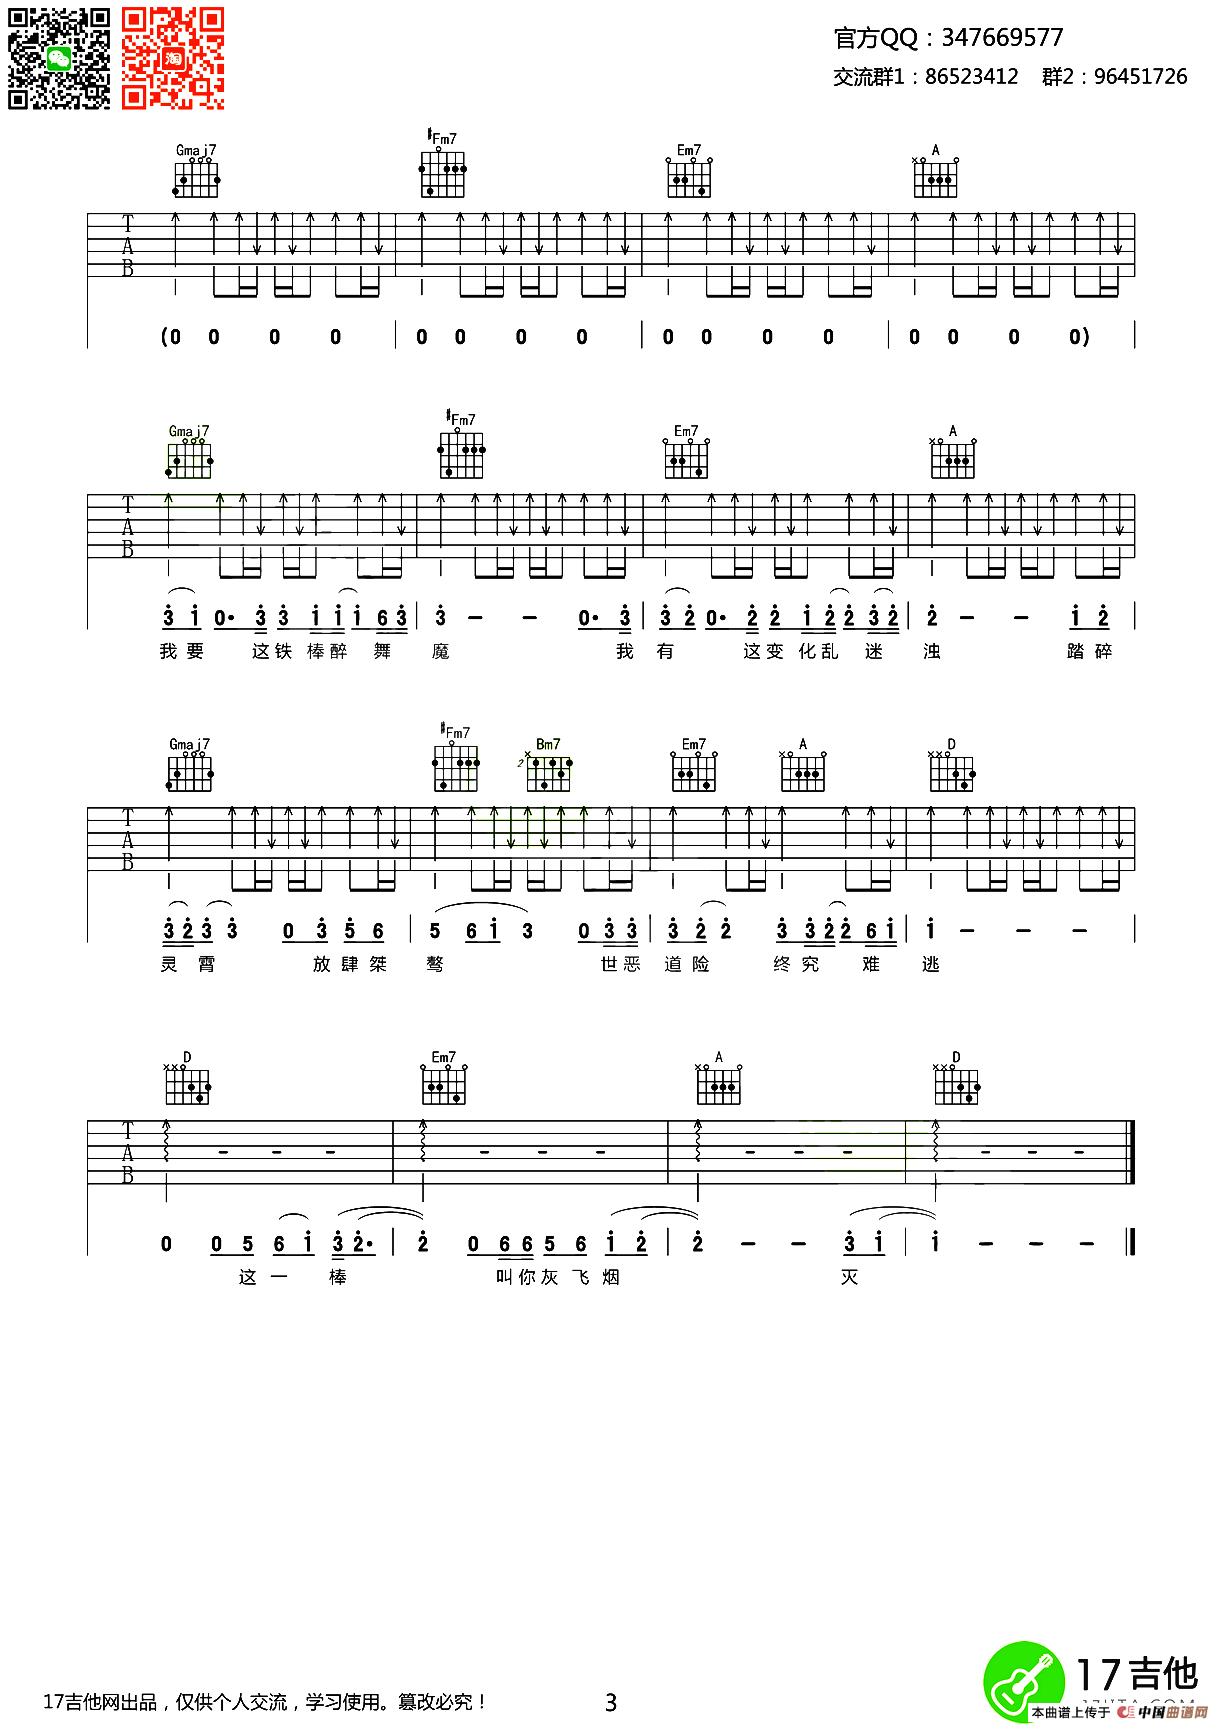 悟空吉他谱 六线谱 齐元义制谱版 器乐乐谱 中国曲谱网